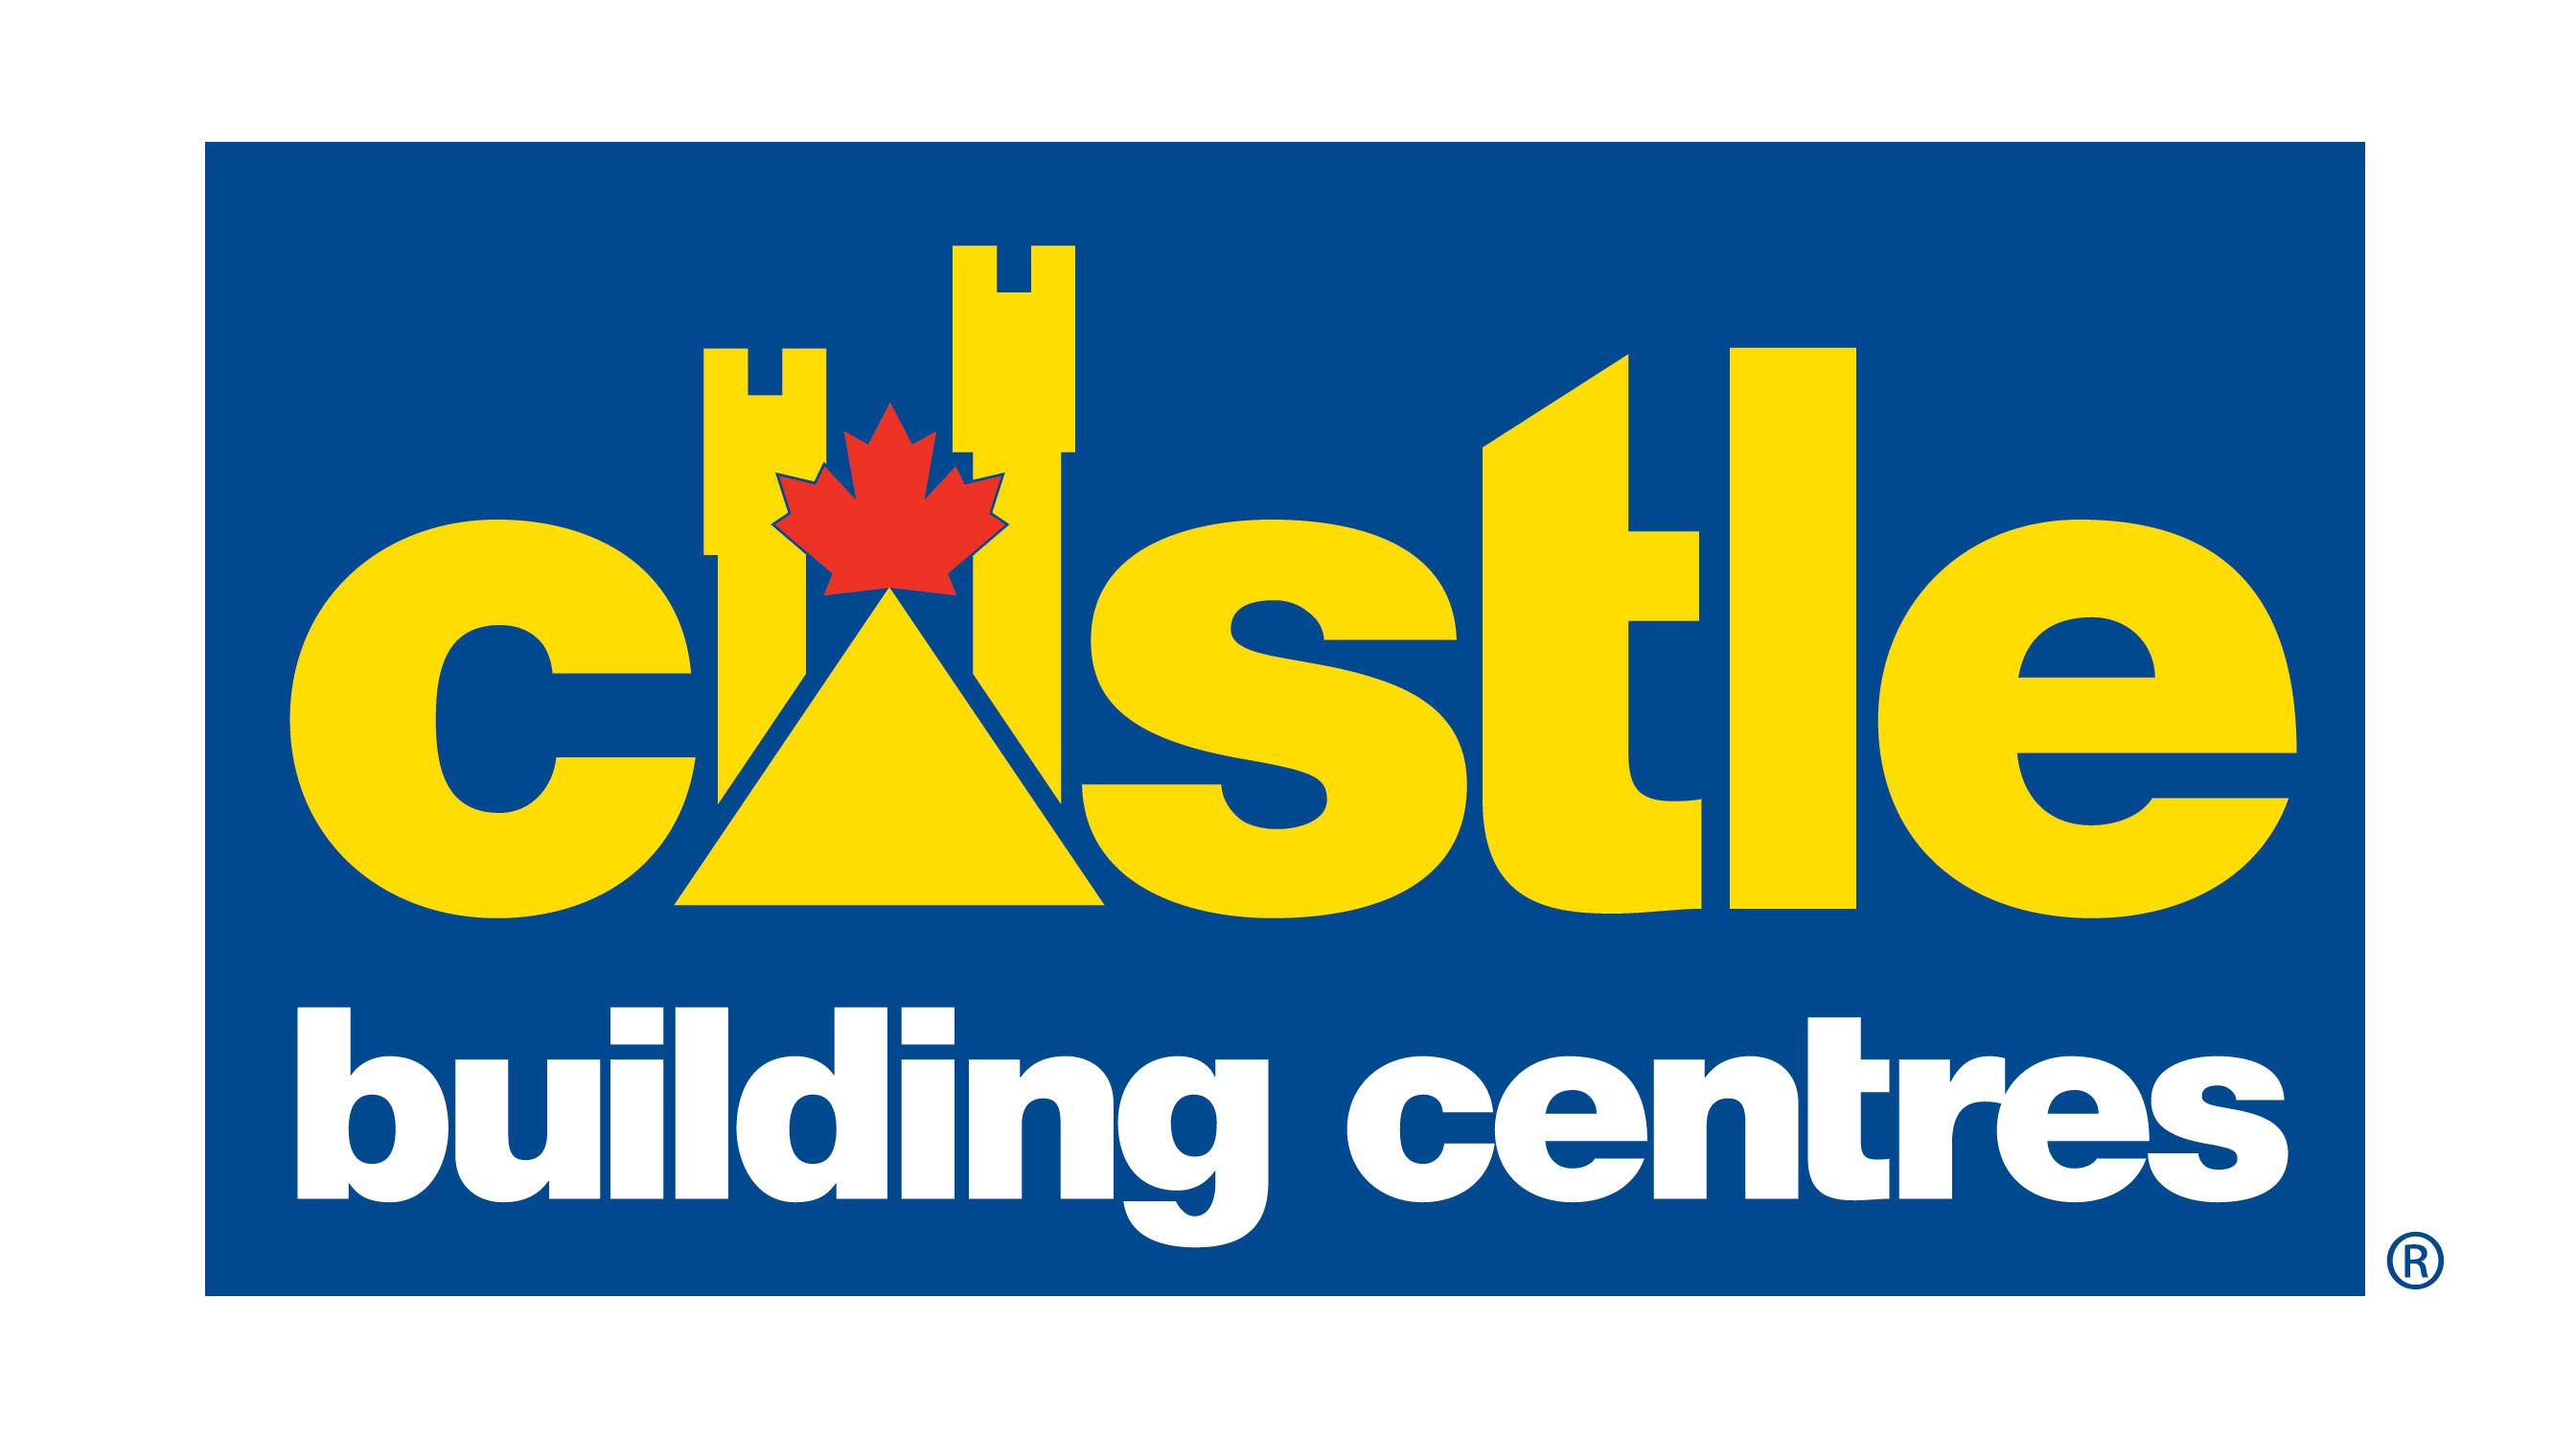 Castle Building Centres Group Ltd